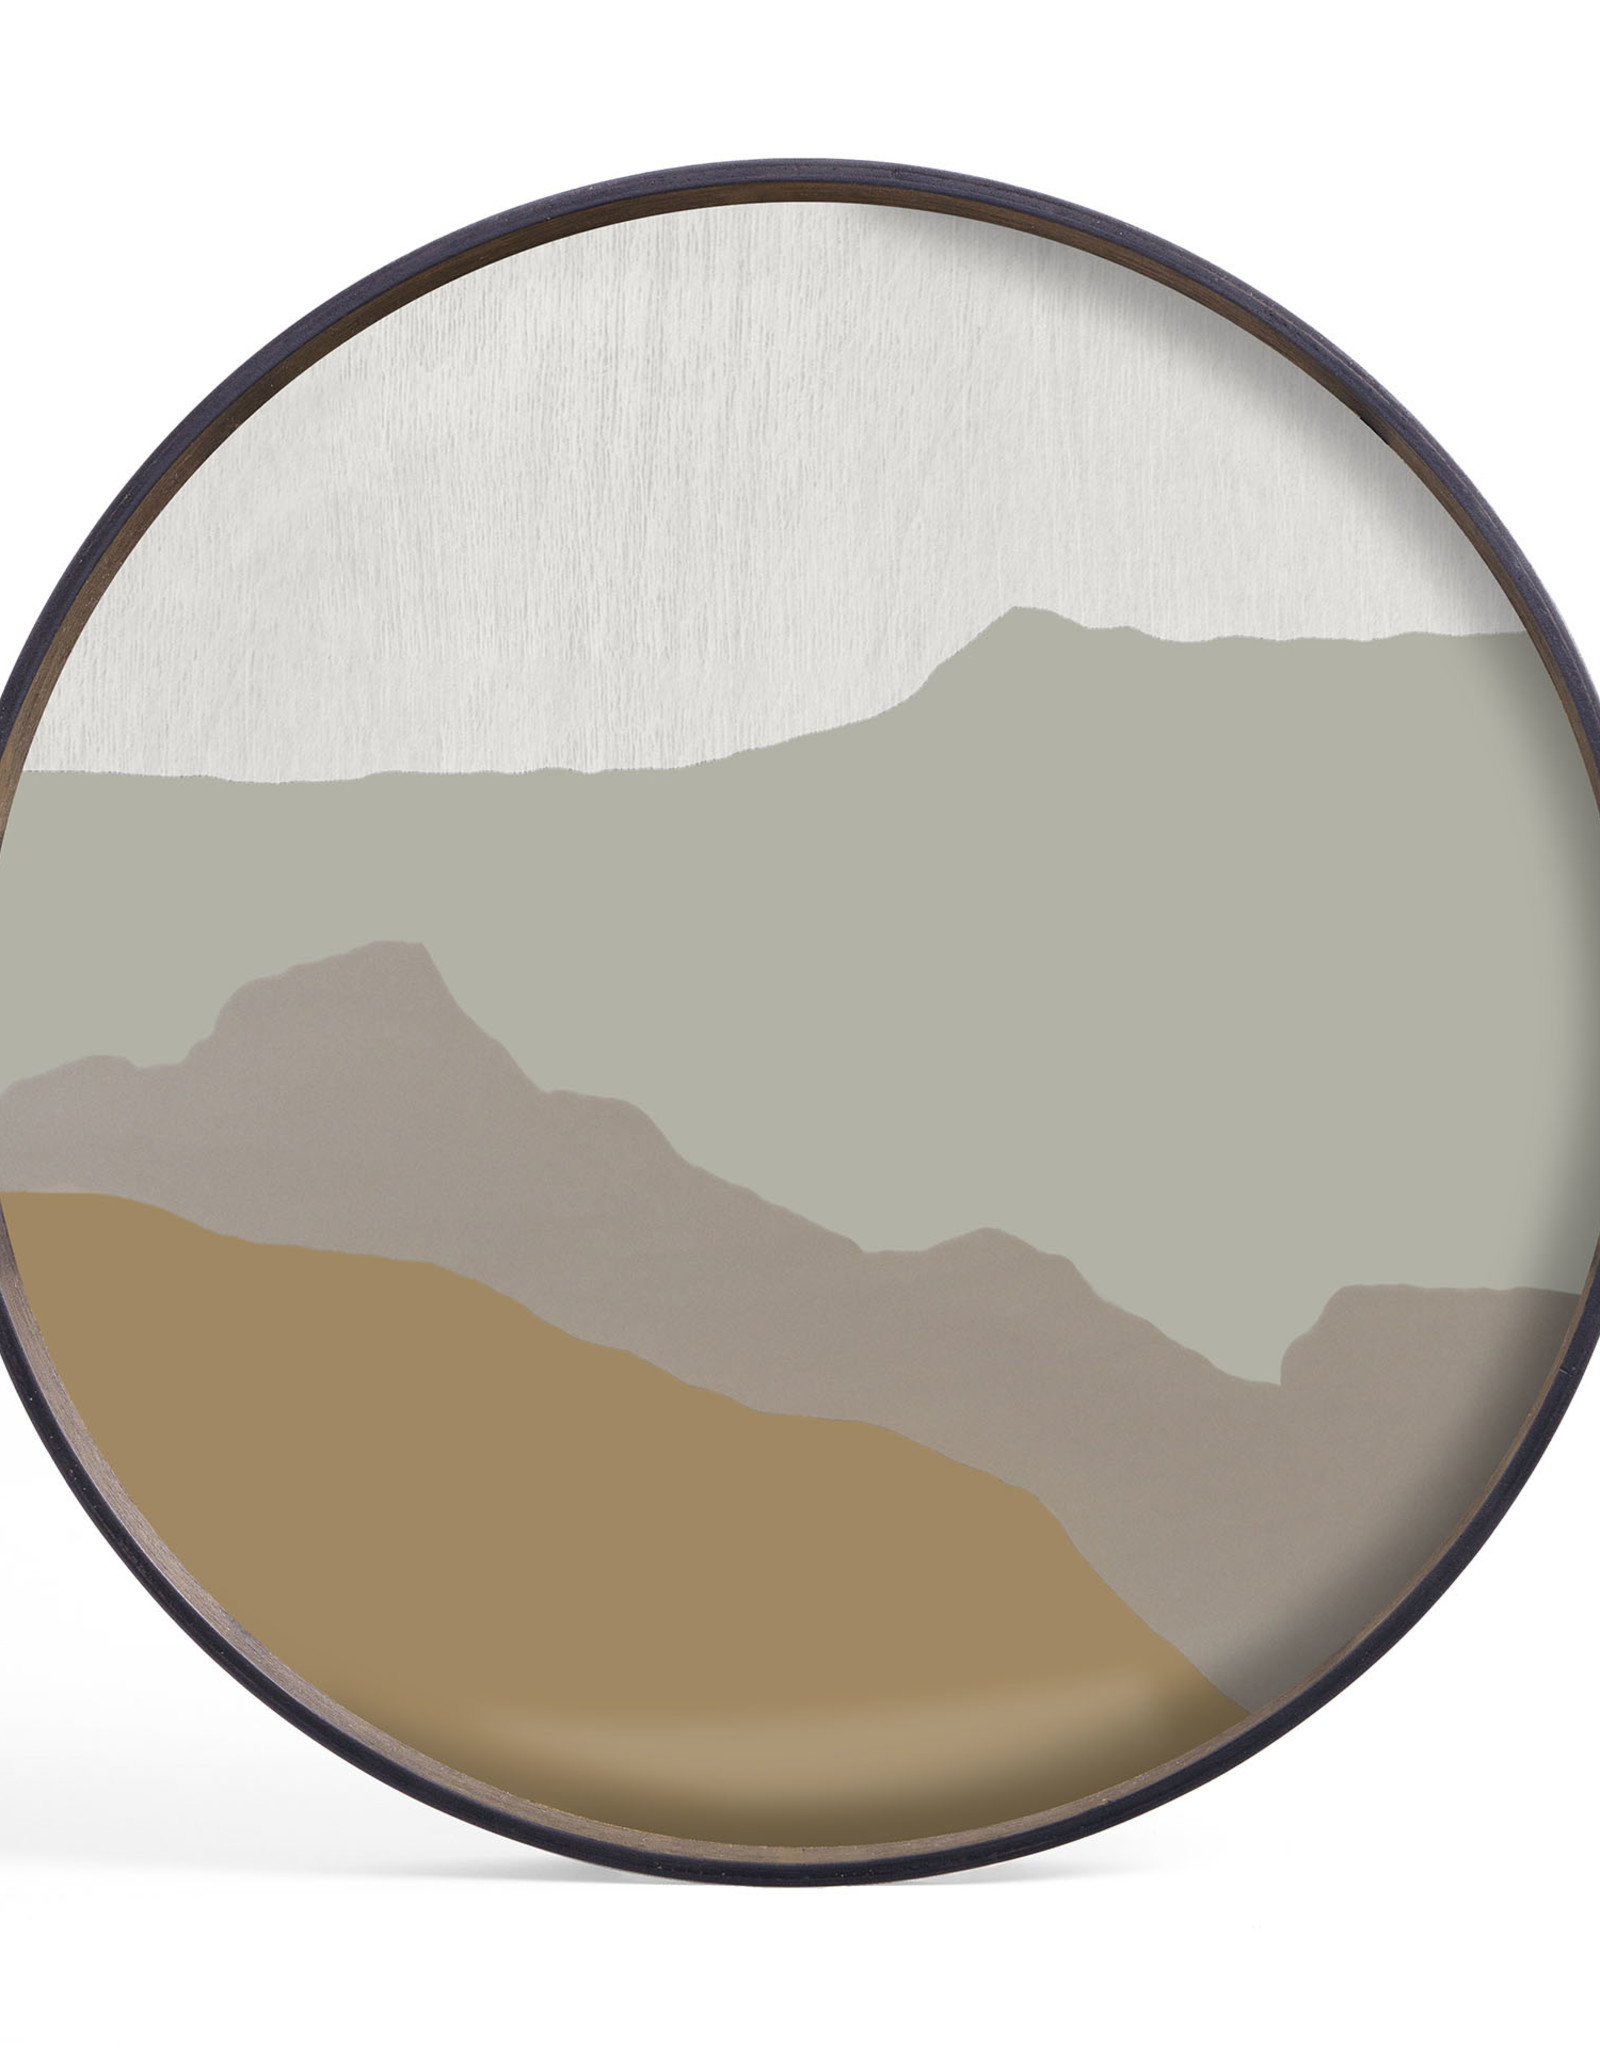 Sand Wabi Sabi glass tray - round - S 19 x 19 x 2